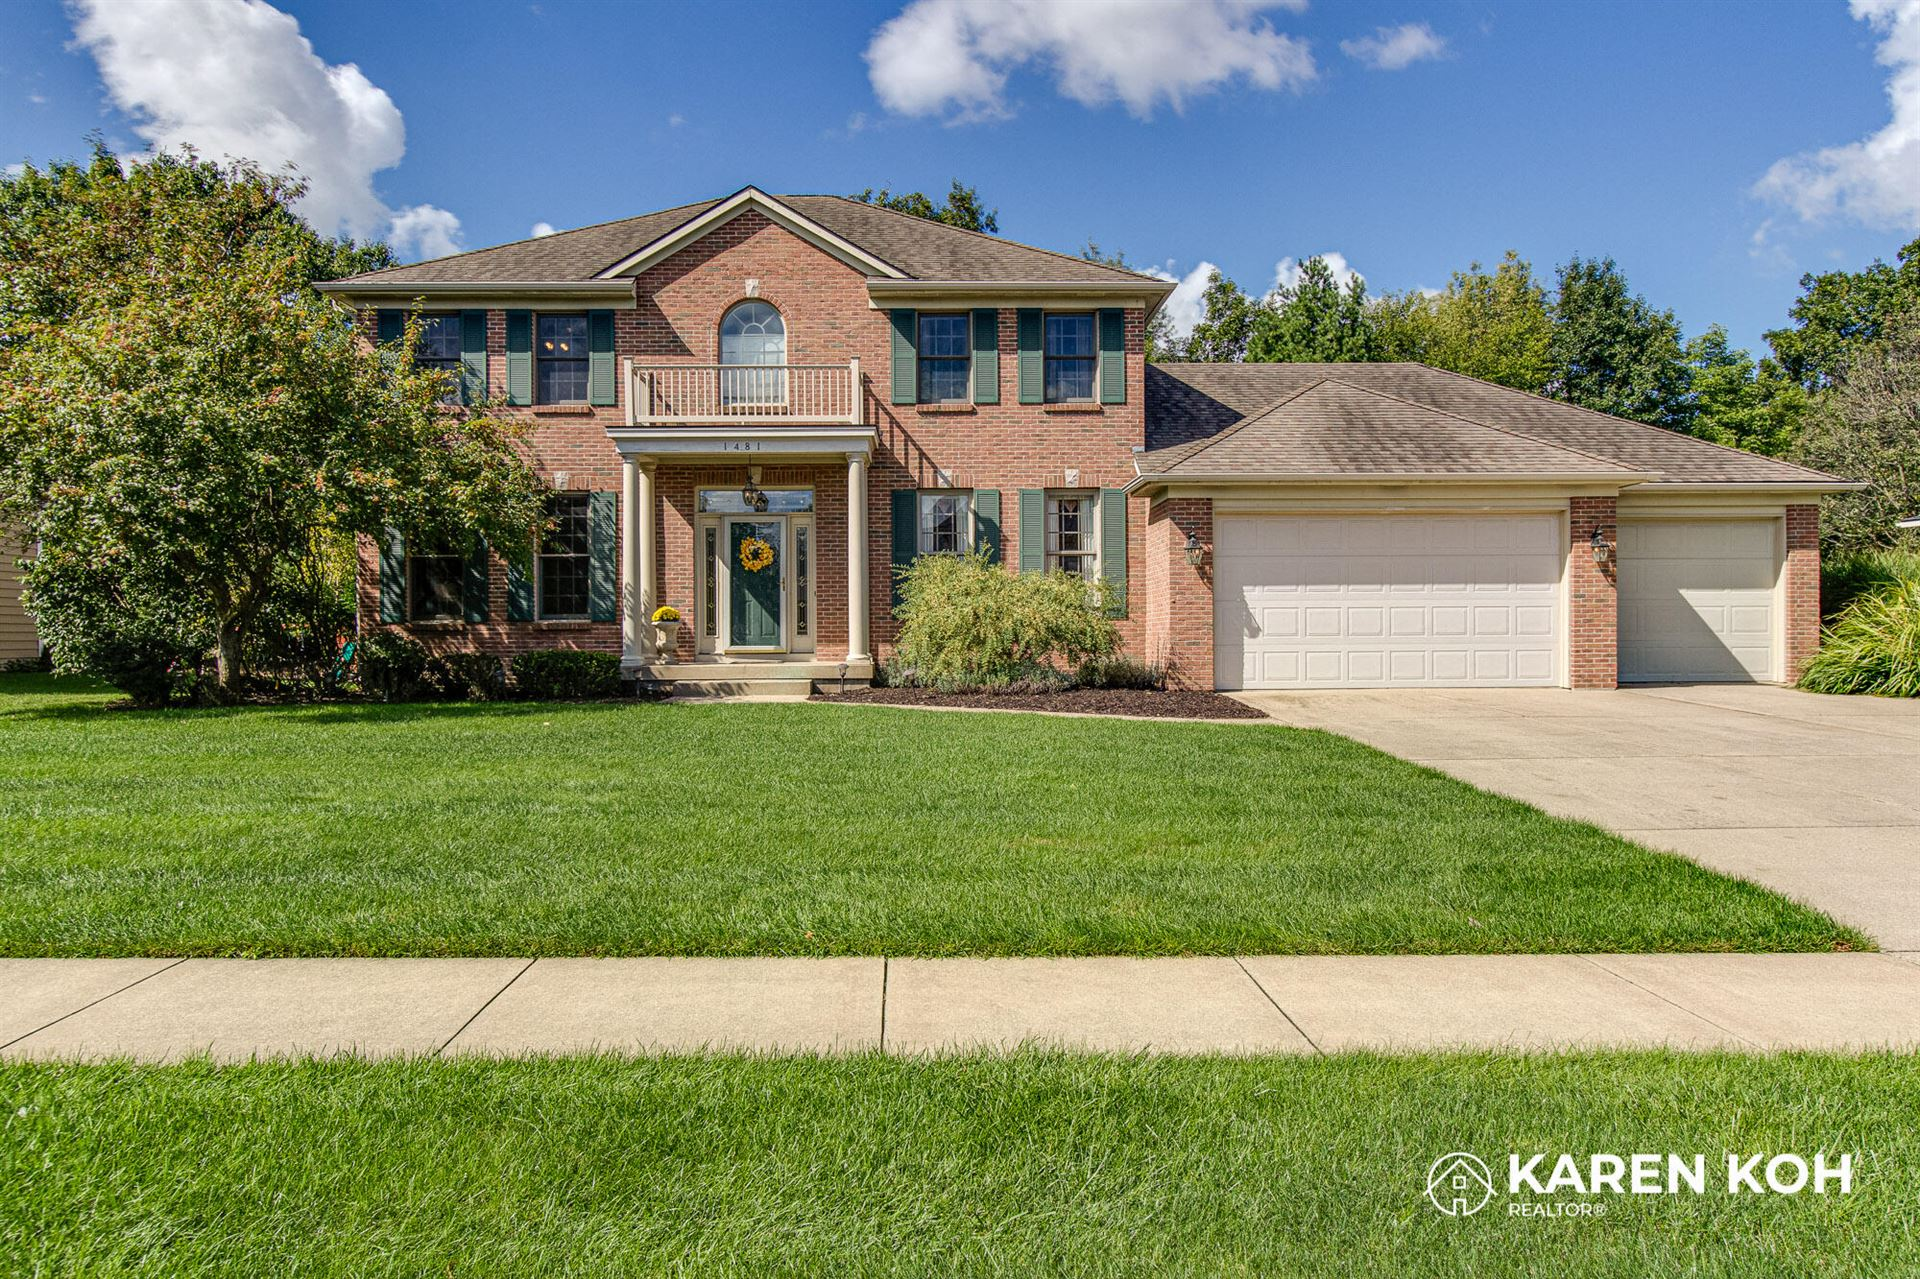 1481 Patterson Avenue SE, Grand Rapids, MI 49546 - MLS#: 21106341